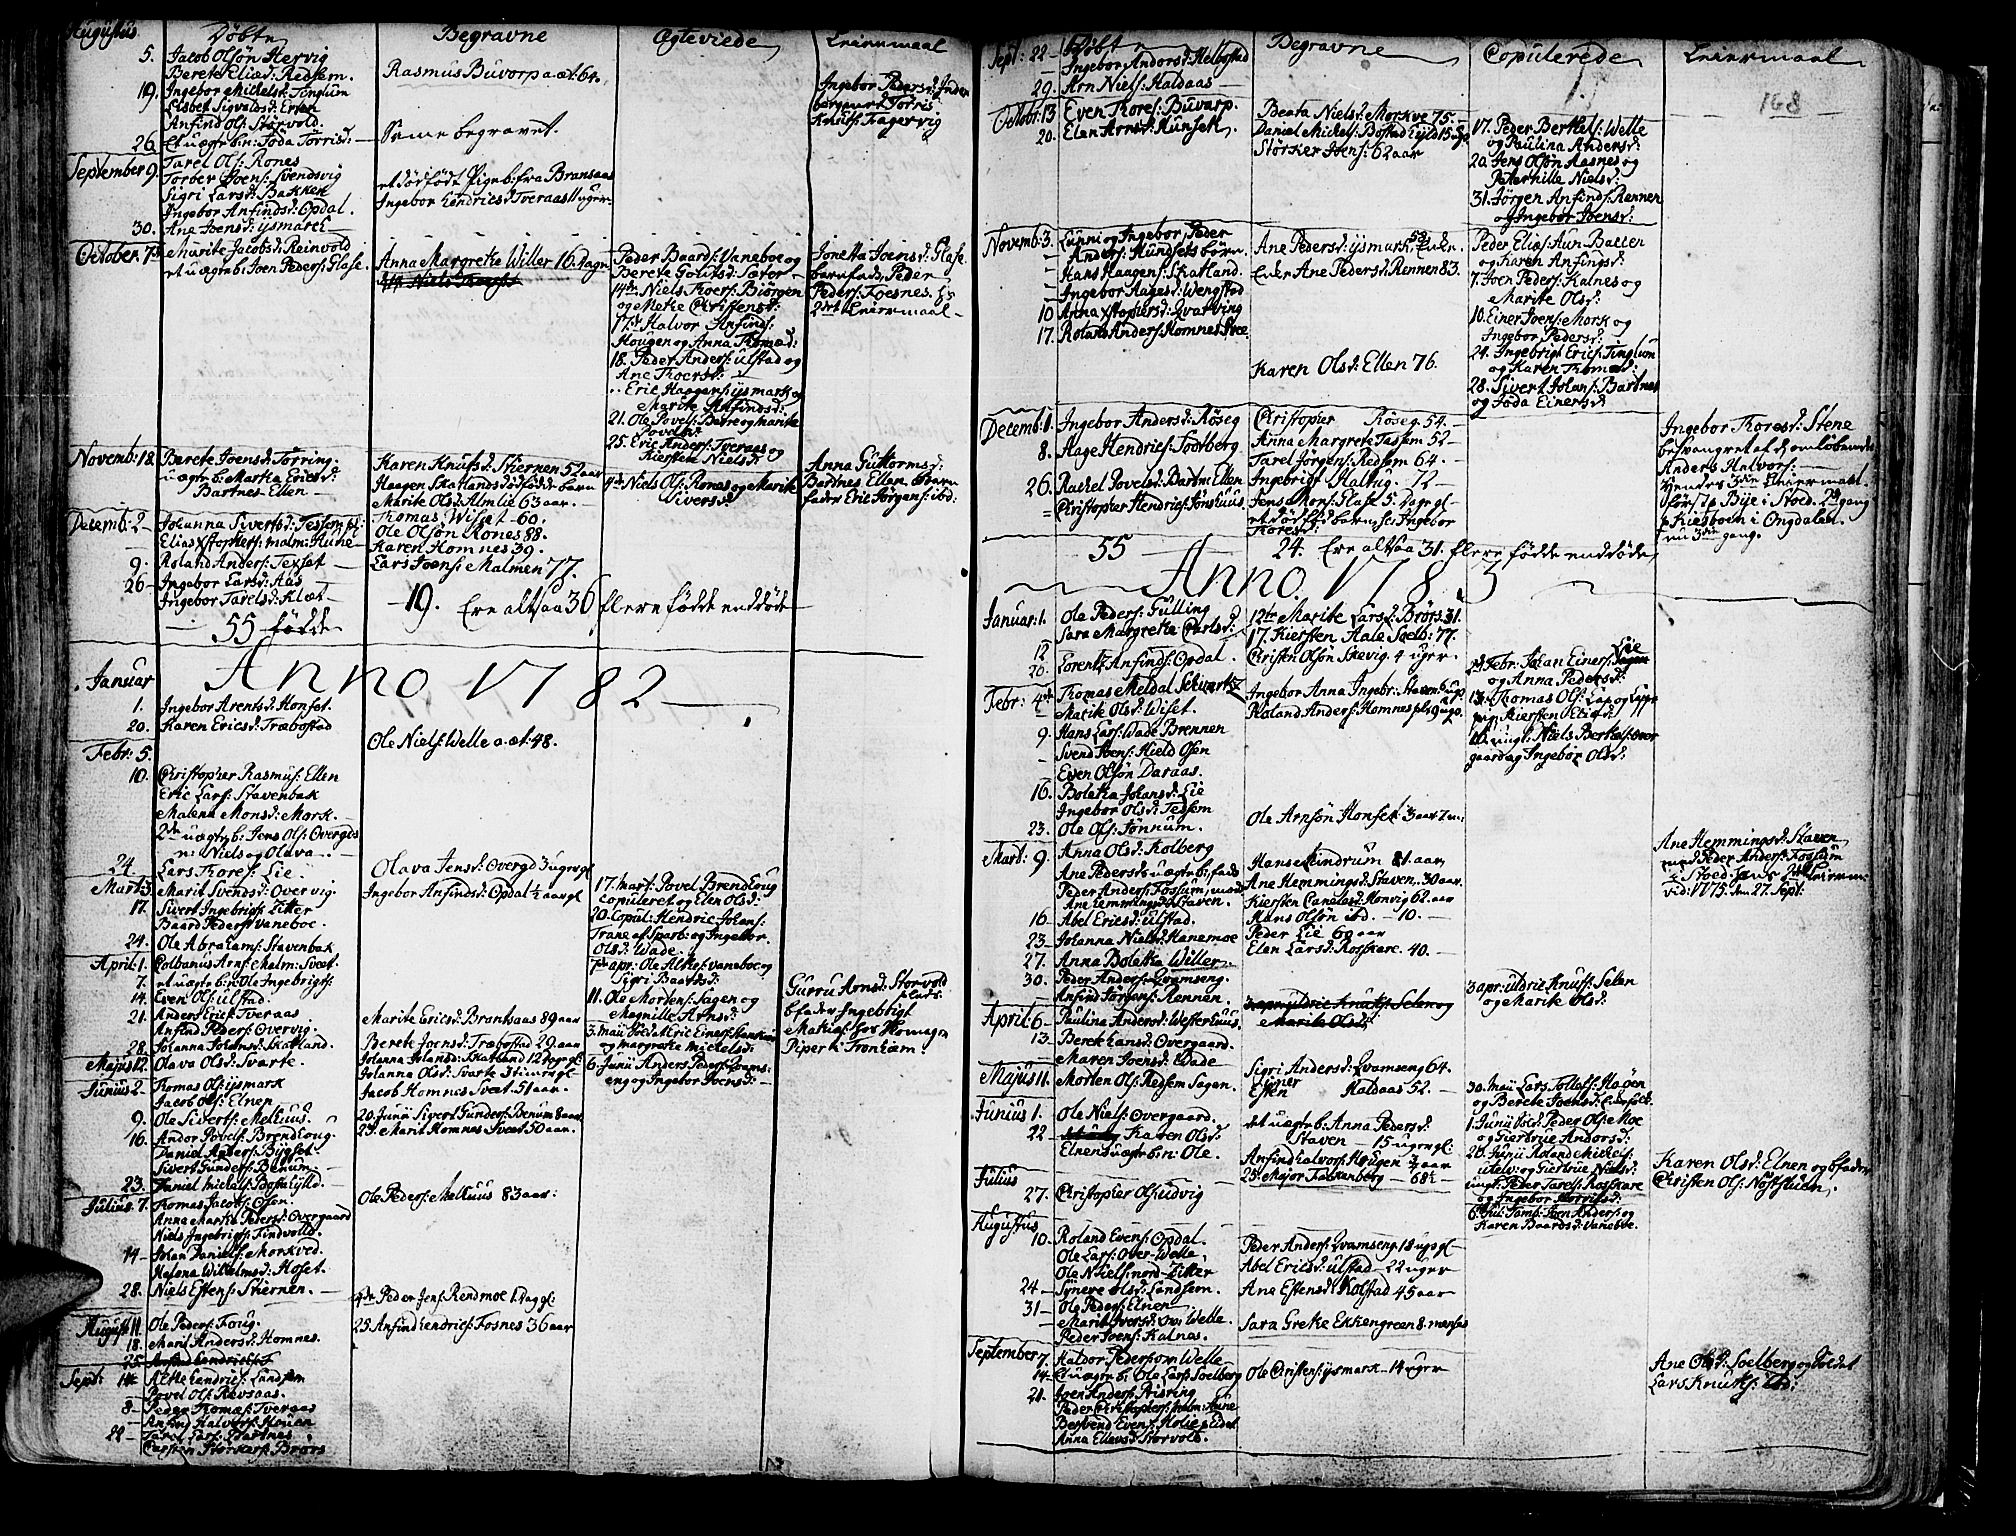 SAT, Ministerialprotokoller, klokkerbøker og fødselsregistre - Nord-Trøndelag, 741/L0385: Ministerialbok nr. 741A01, 1722-1815, s. 168